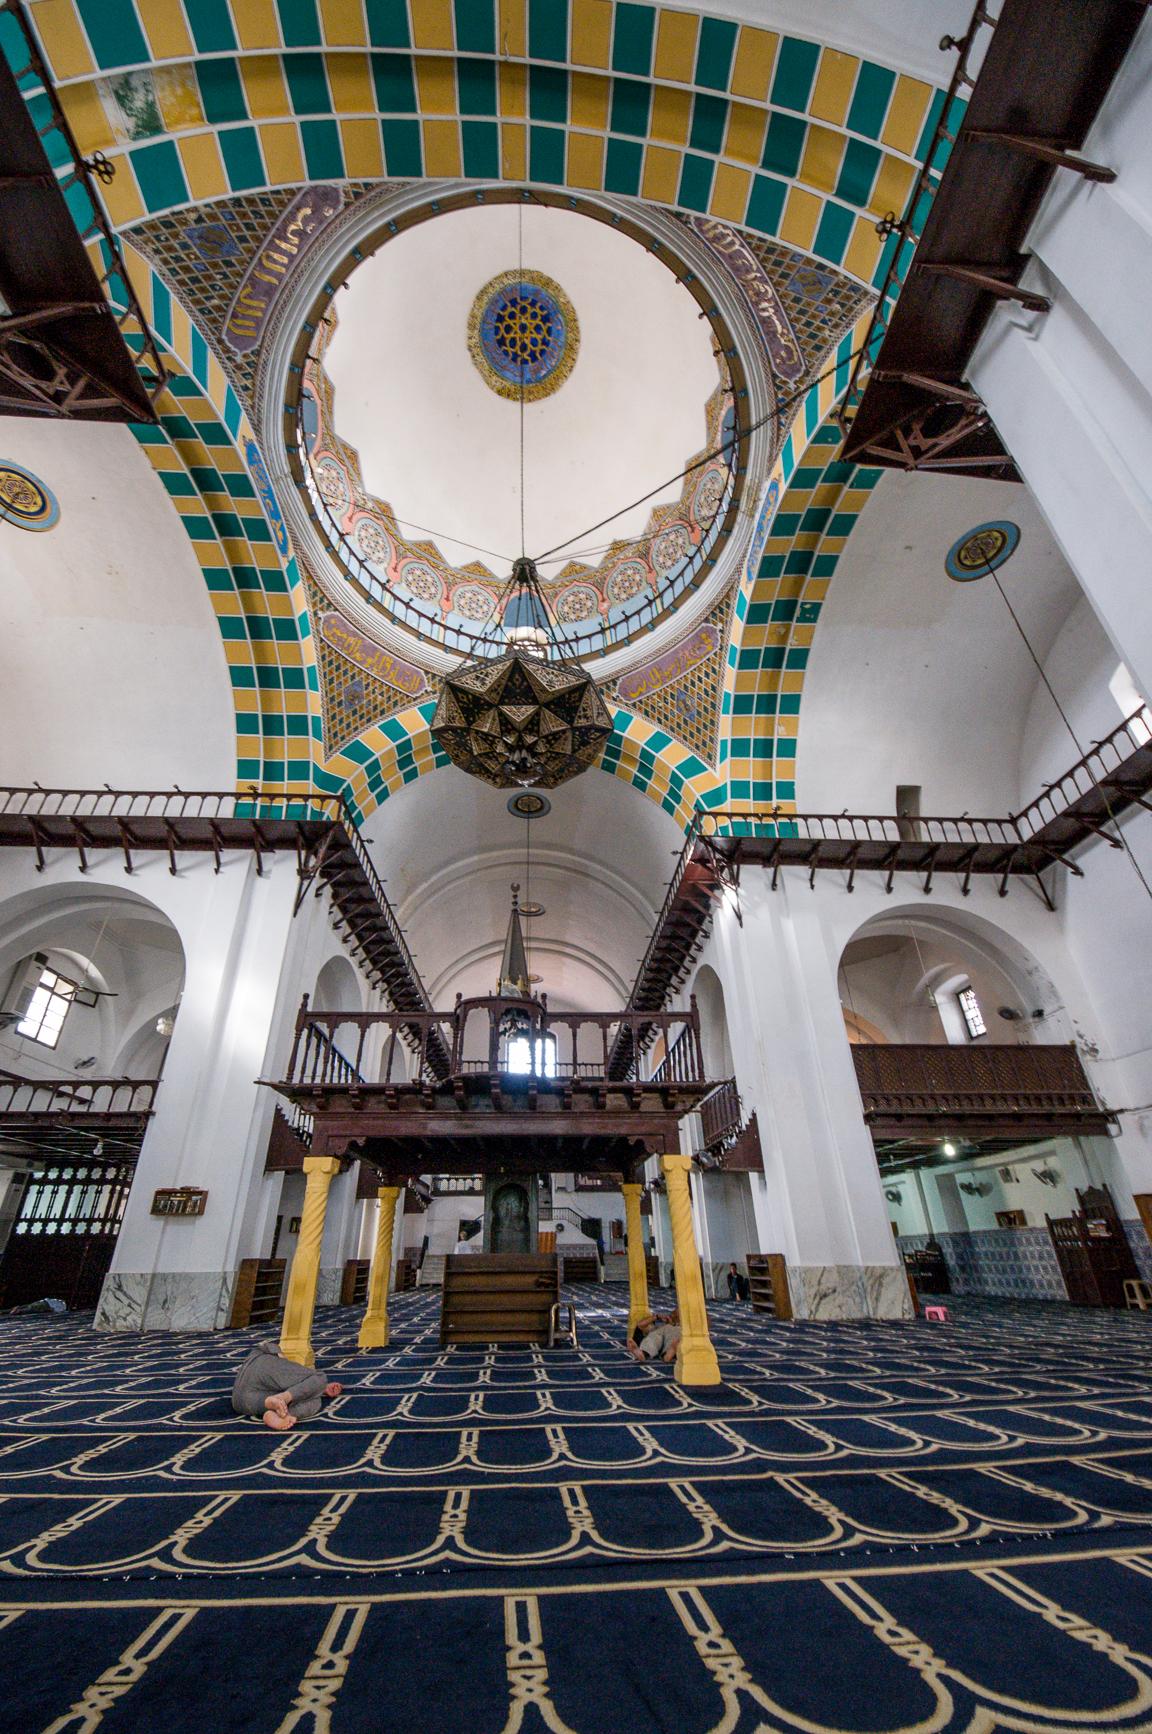 Inside the El Djadid mosque